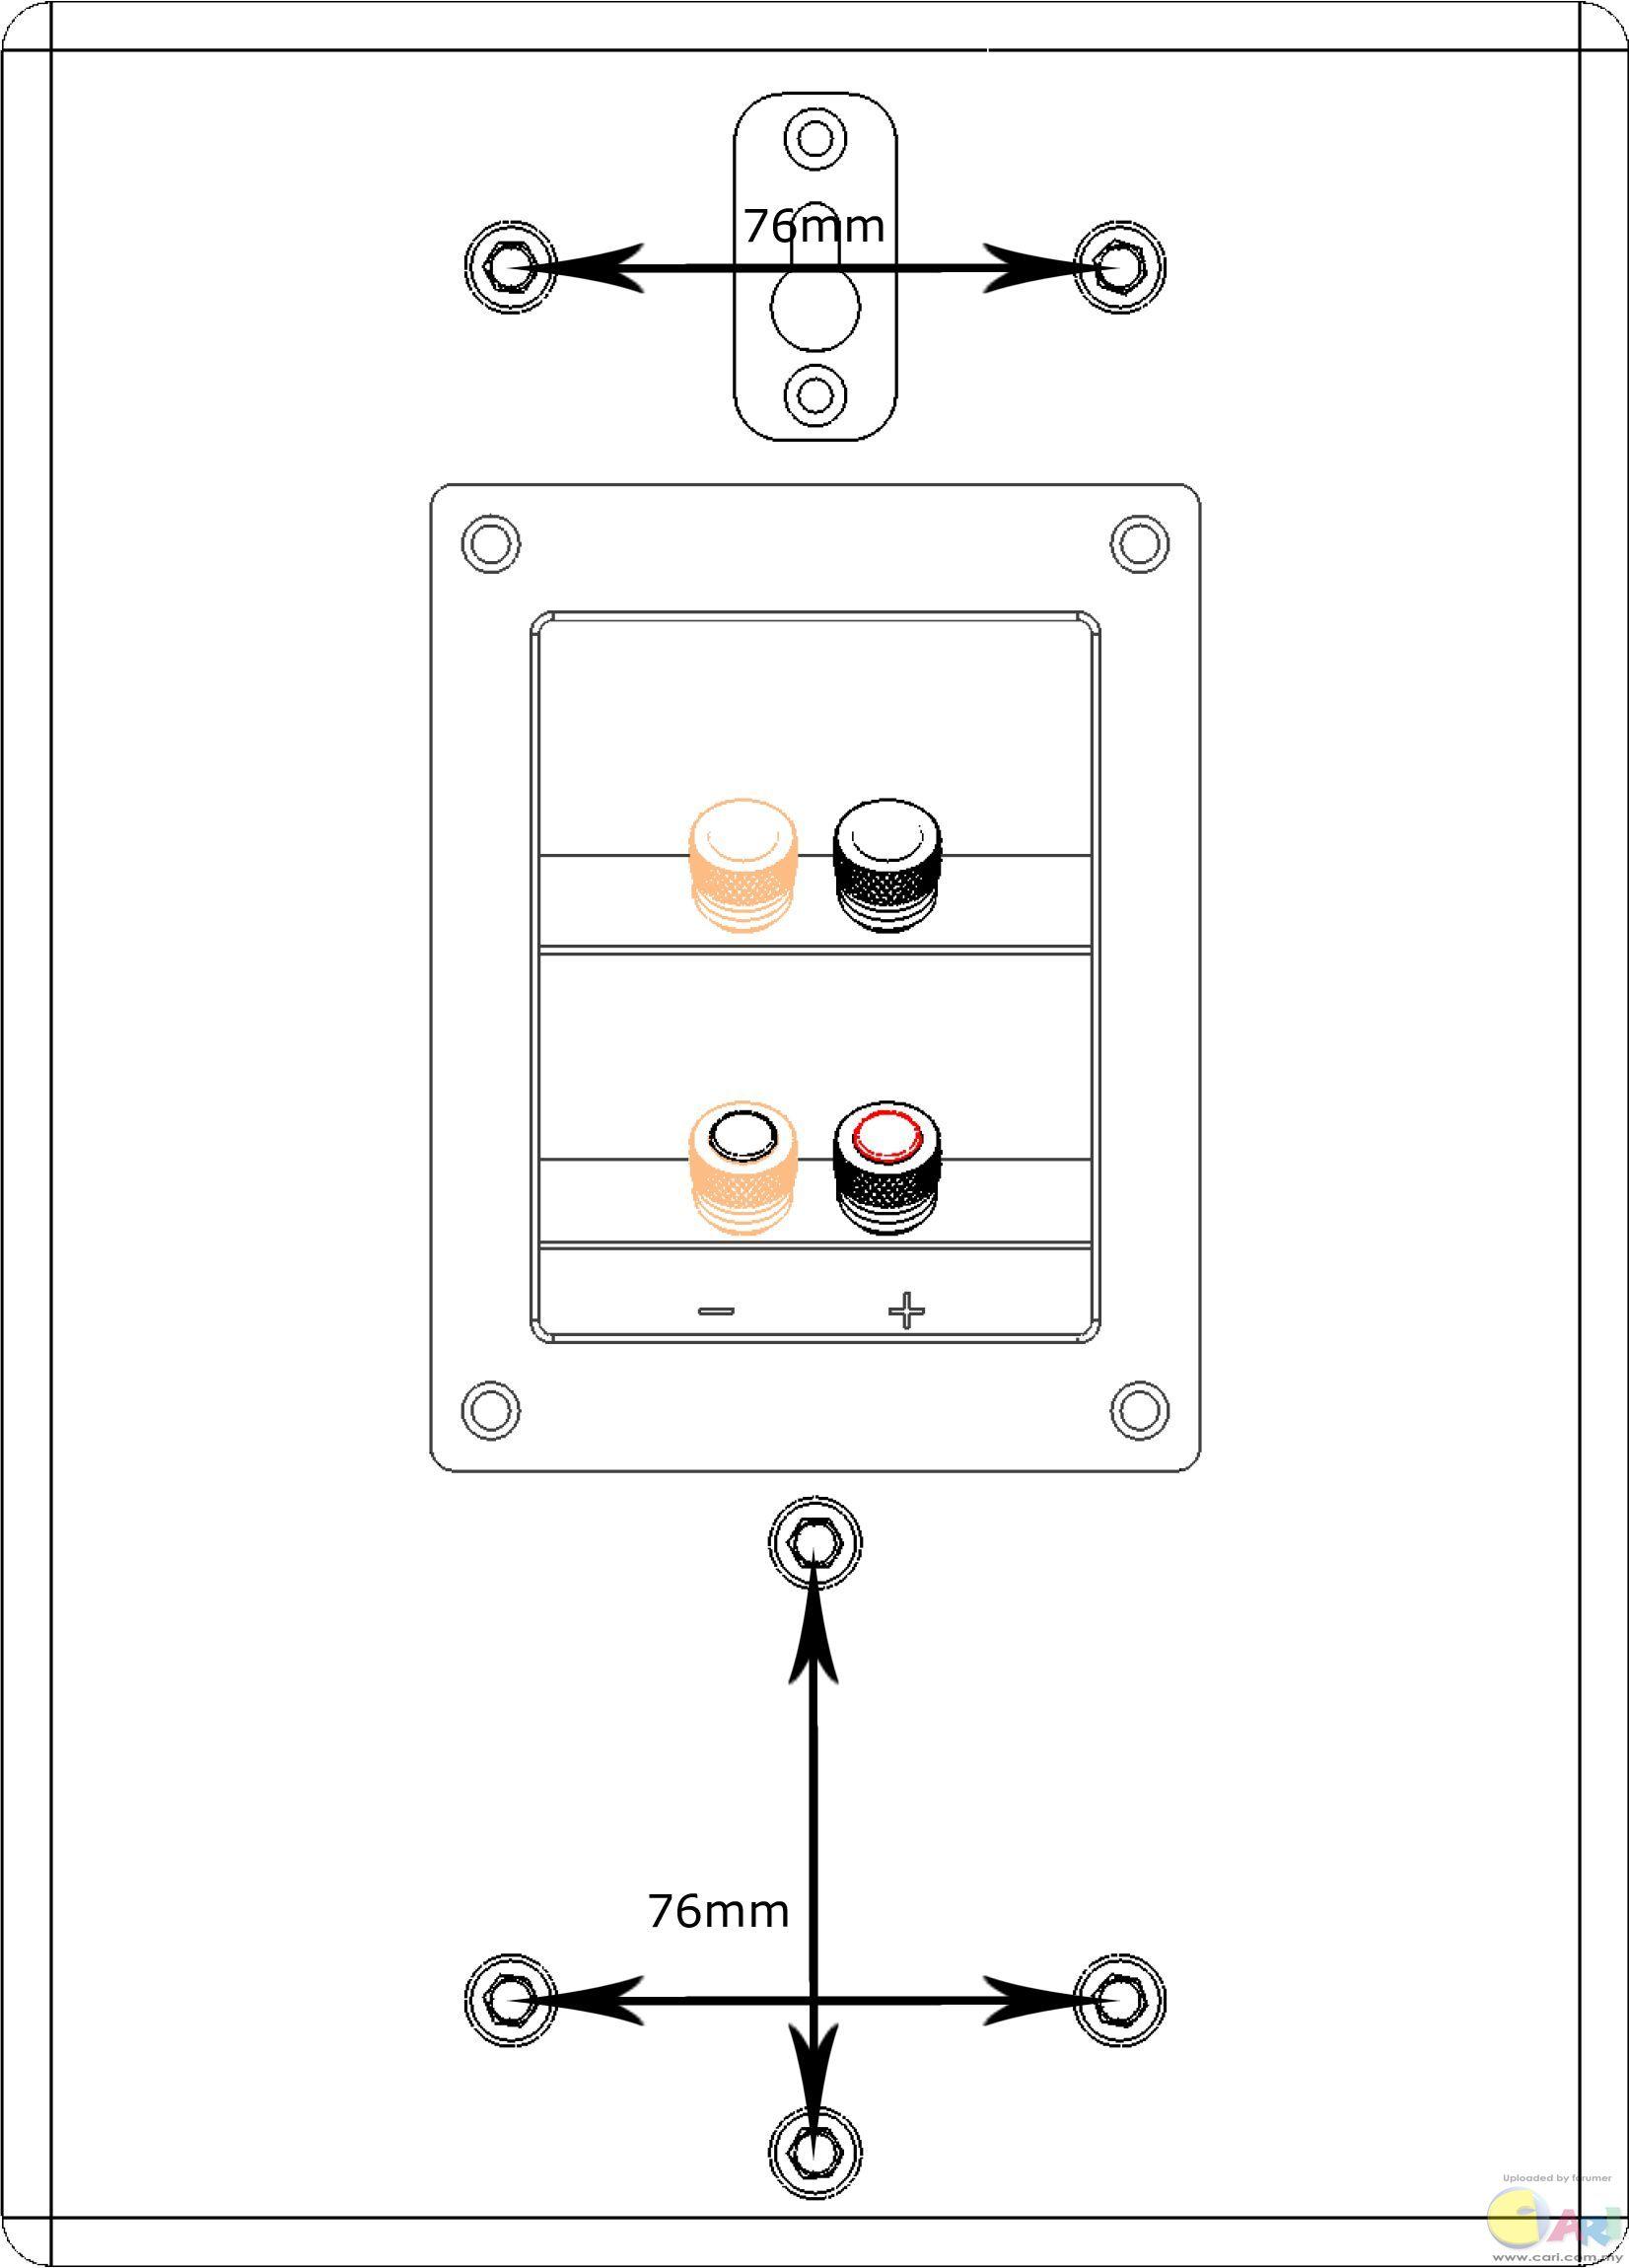 TBack-side-S5-dipole3x.jpg